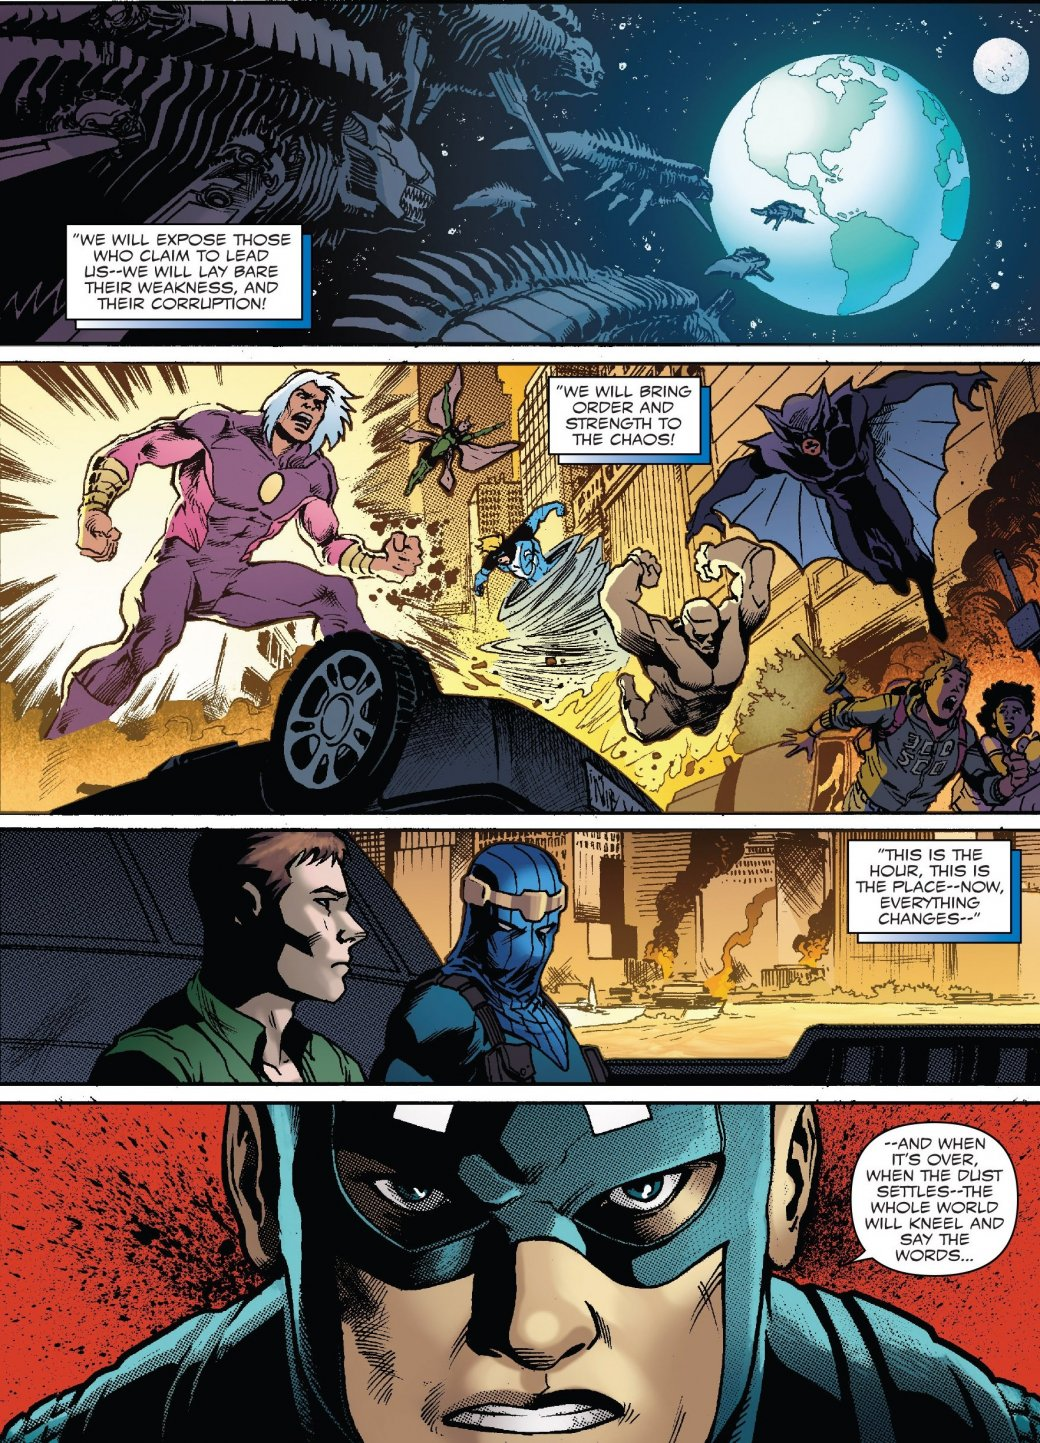 Почему изКапитана Америка получился отличный суперзлодей? | Канобу - Изображение 16